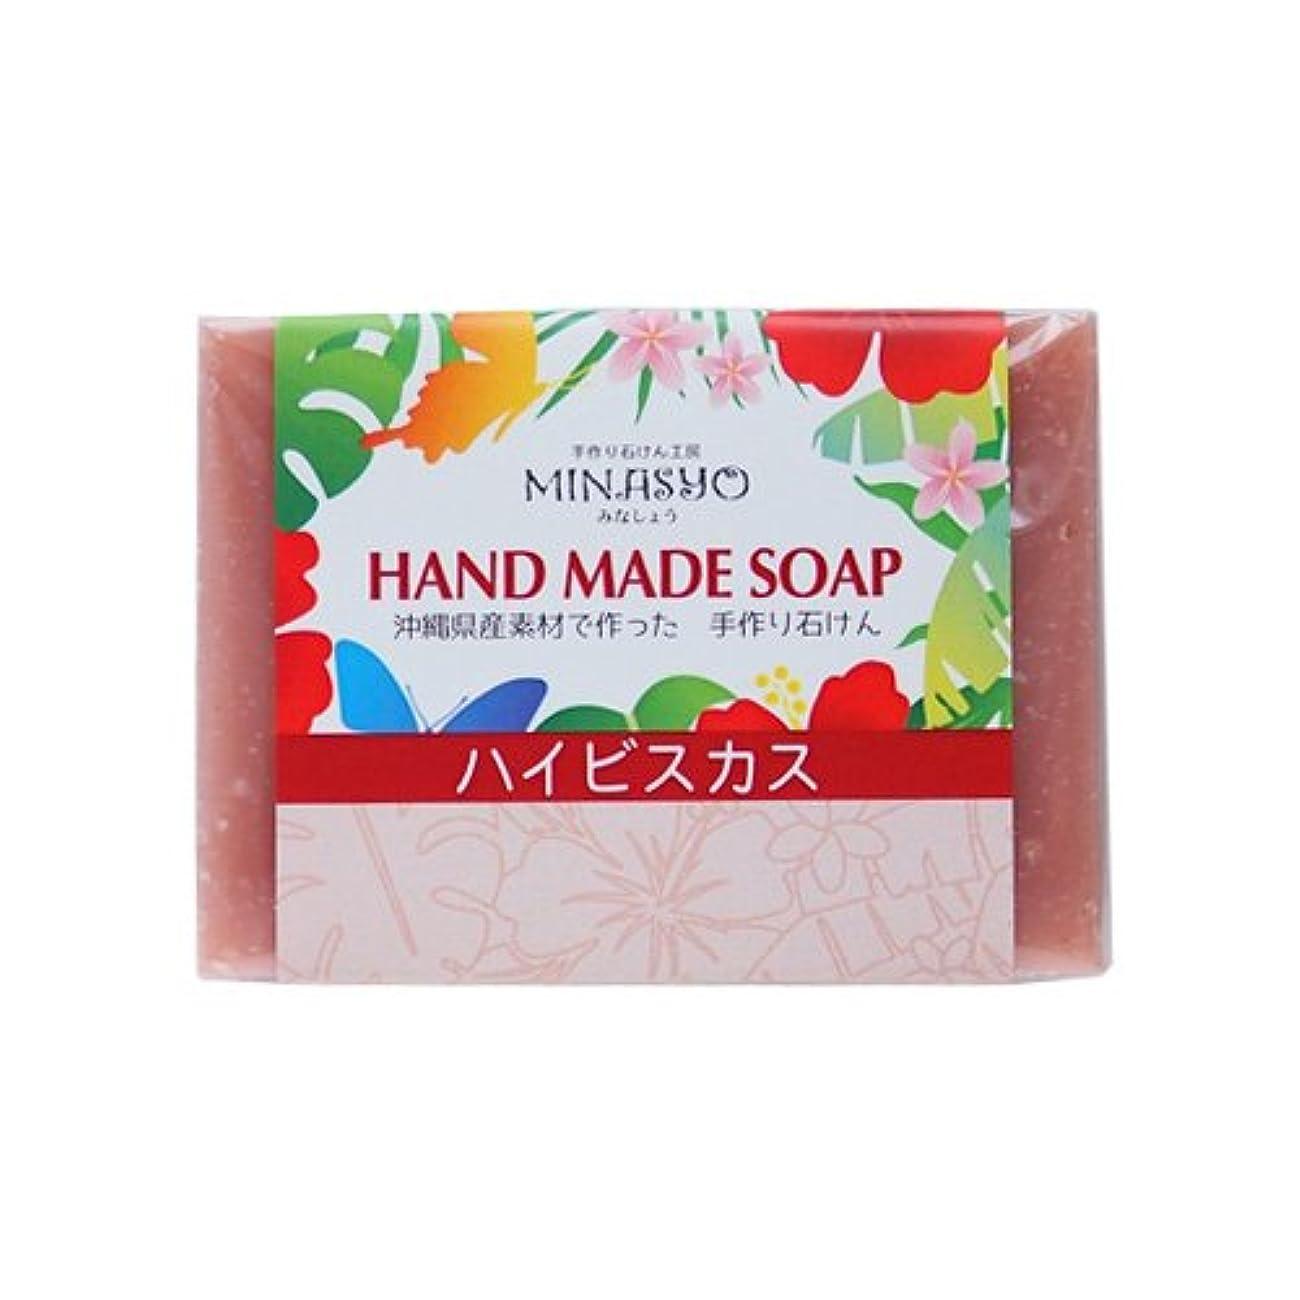 効能あるノート我慢するピンククレイ 洗顔石鹸 無添加 固形 毛穴ケア 手作りローゼル石鹸